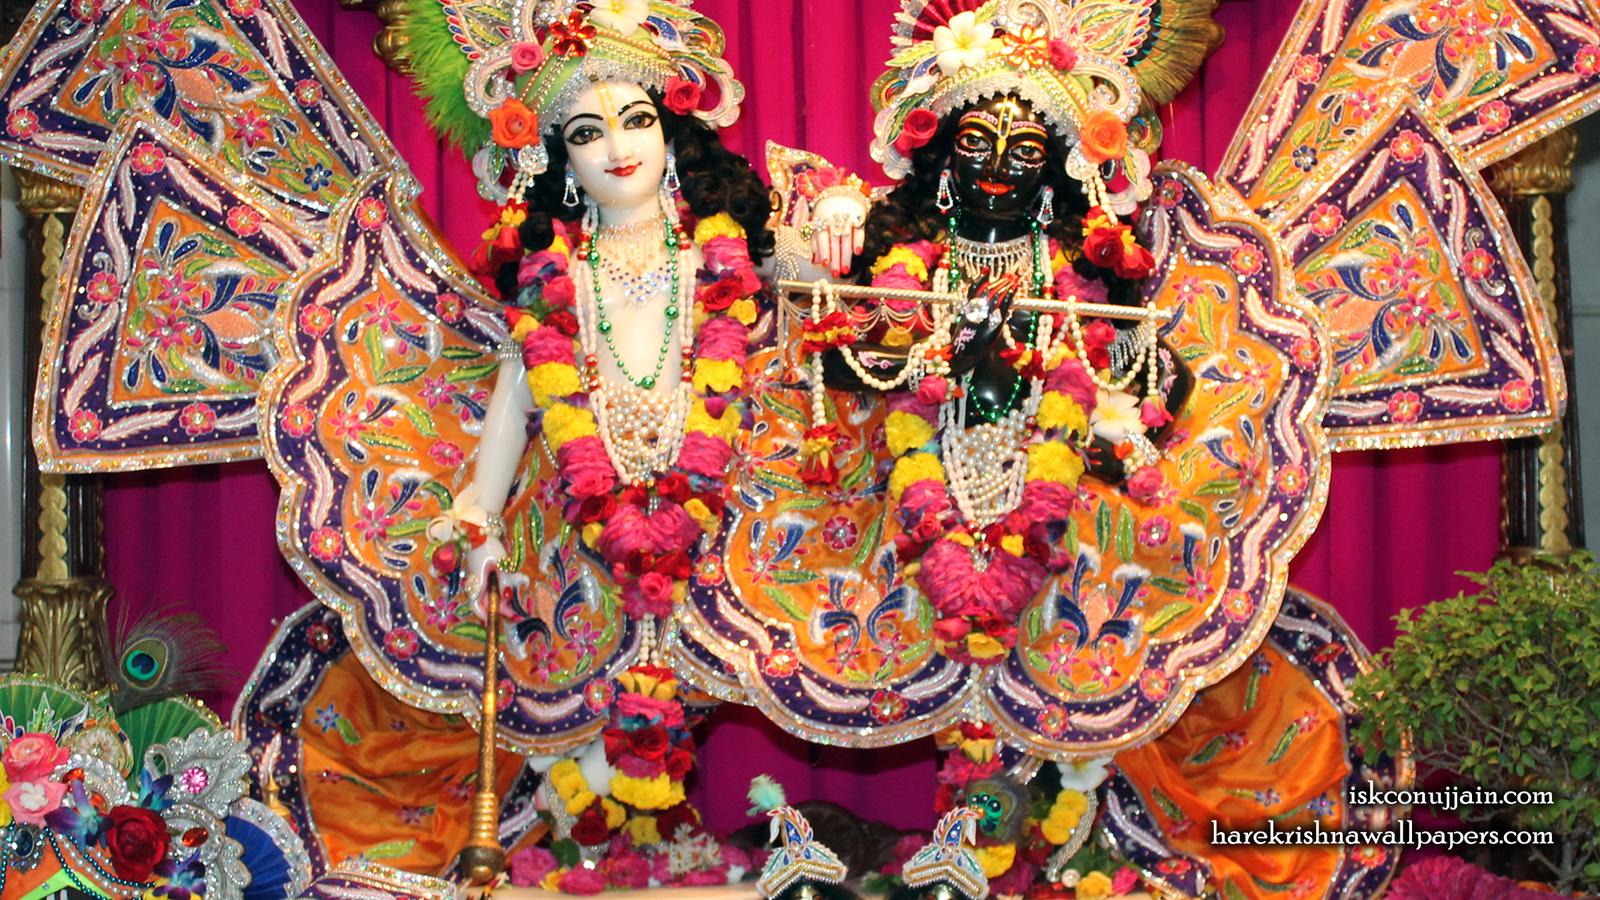 Sri Sri Krishna Balaram Wallpaper (013) Size 1600x900 Download